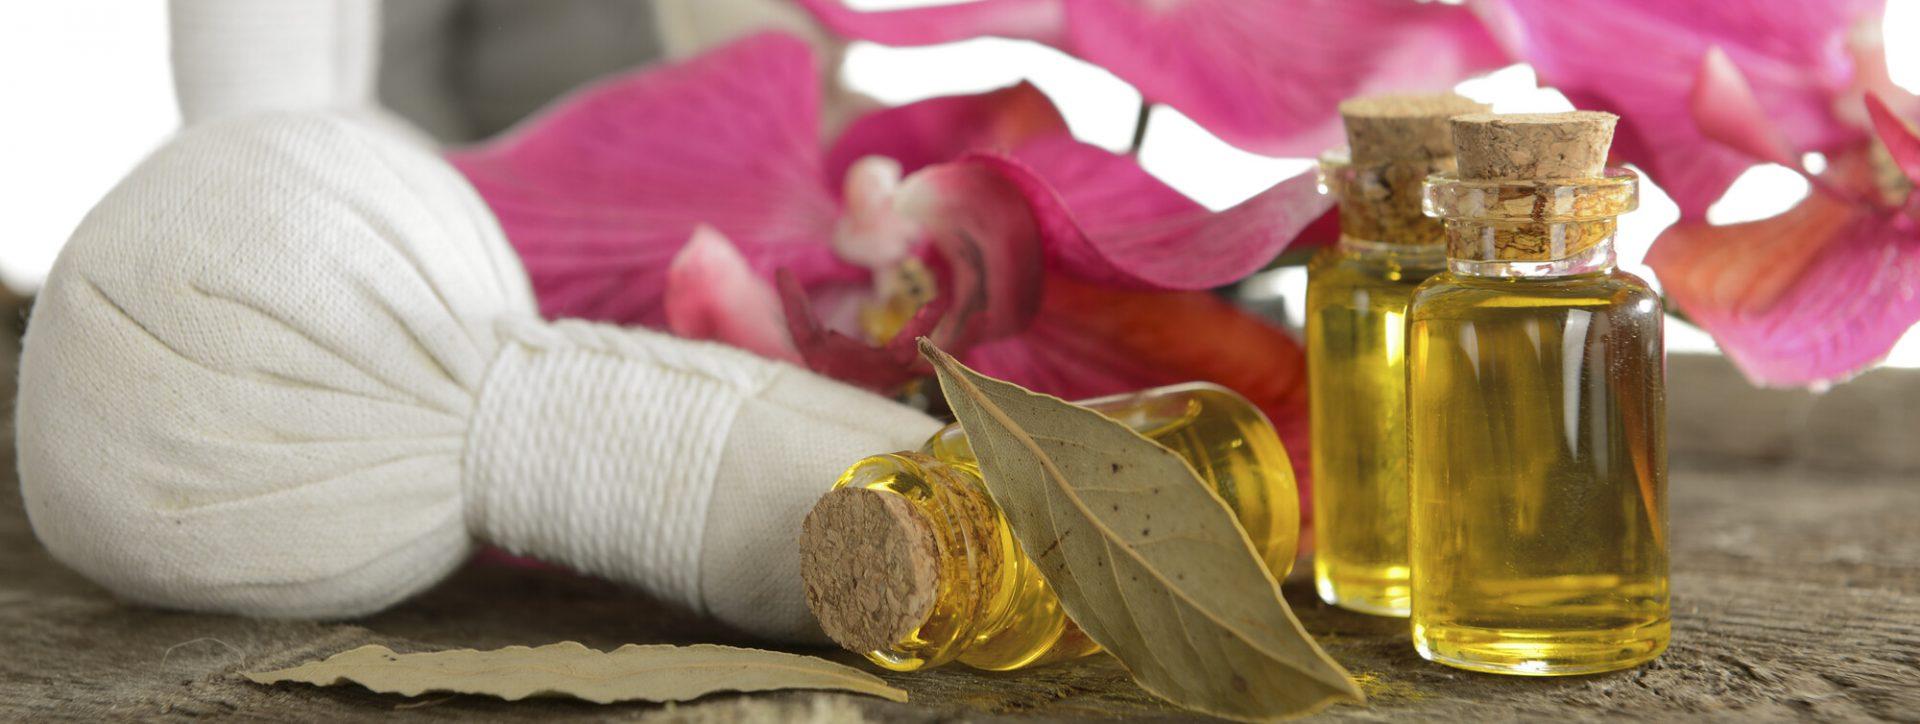 Huile de massage et pochons à base de plantes ayurvédiques